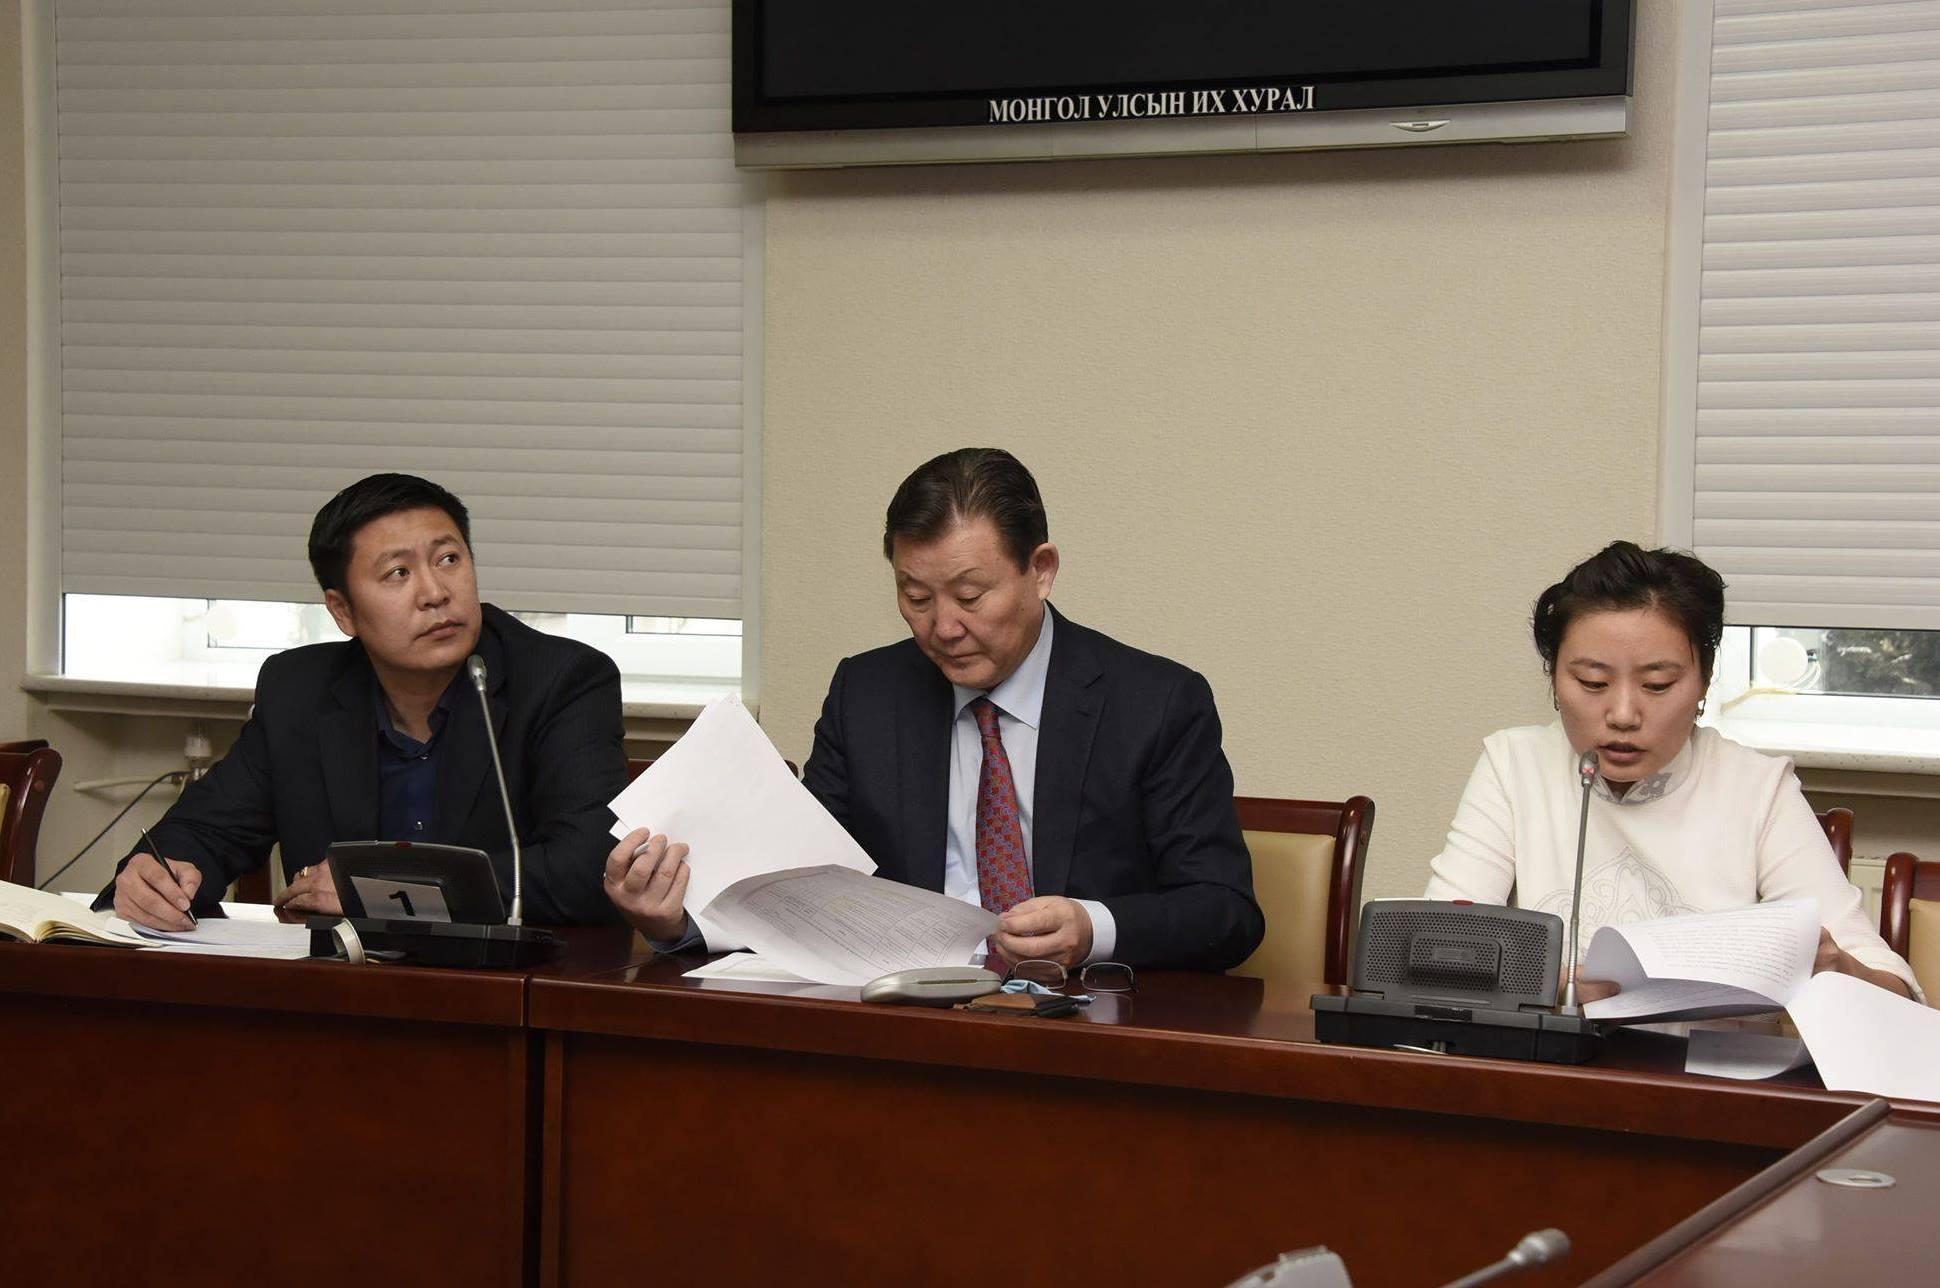 Монголын хүнсчдийн холбооны удирдах зөвлөлийн ээлжит хуралдаан боллоо